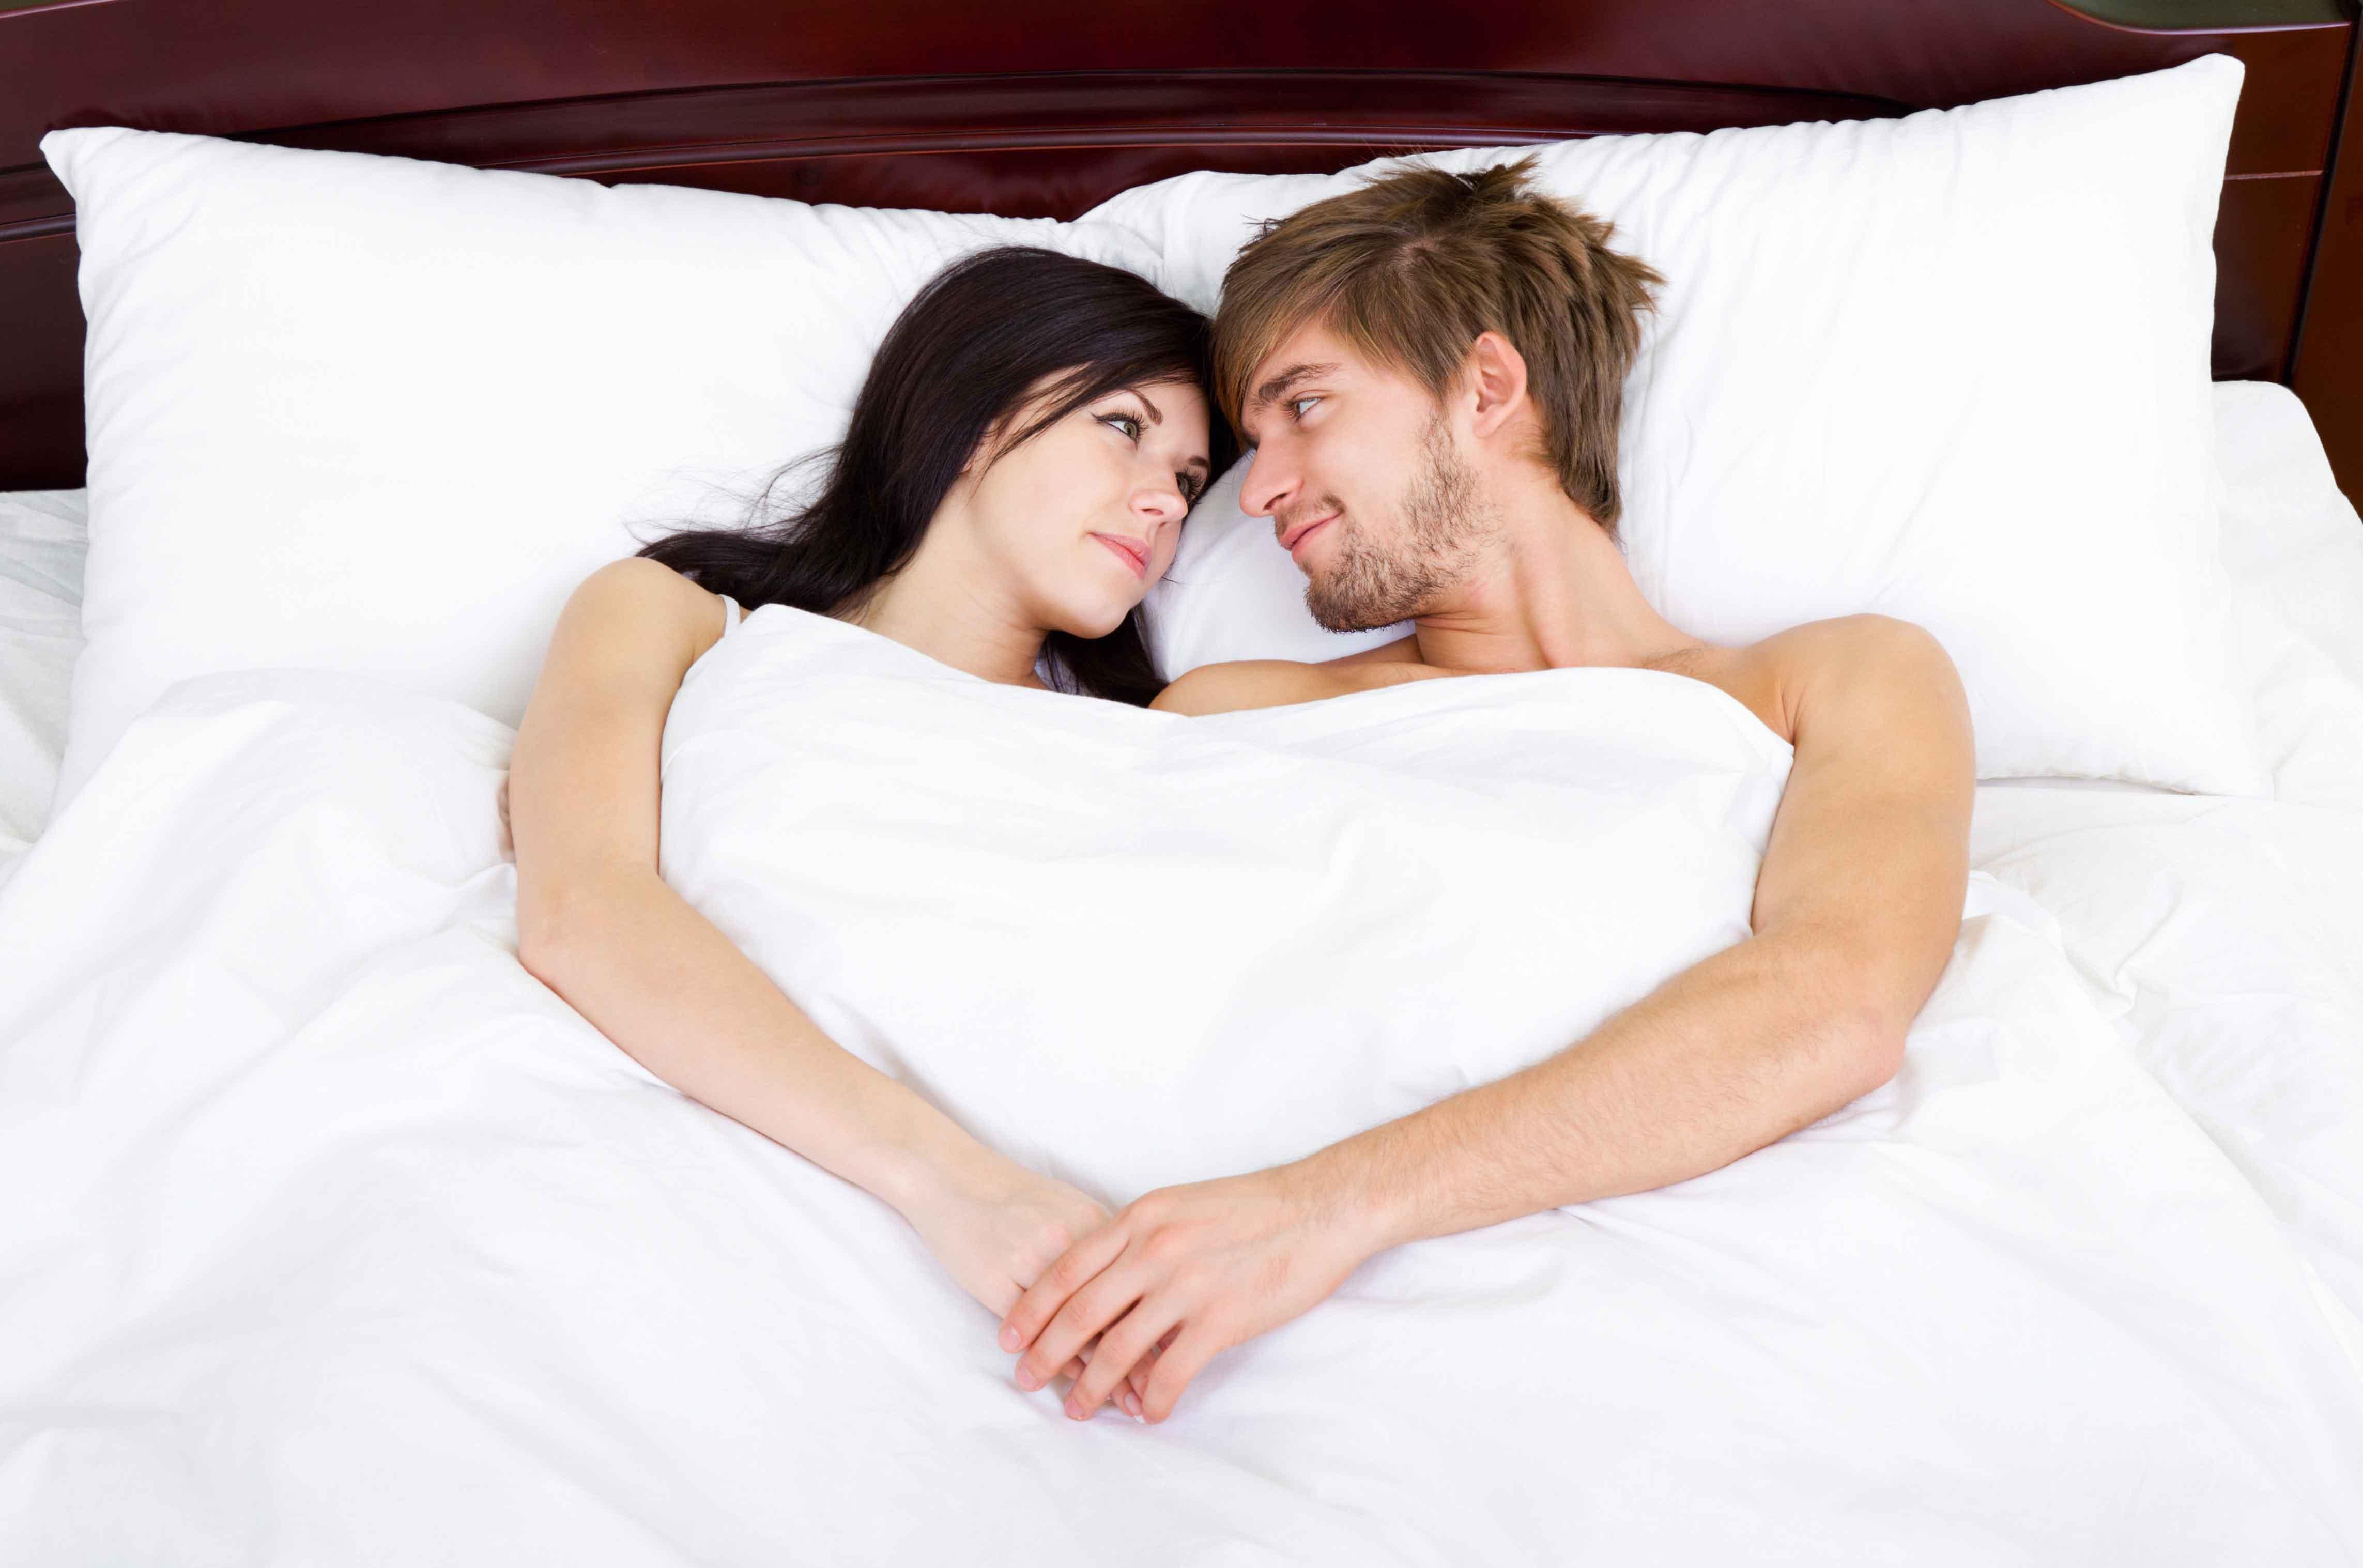 Молодая парочка на белой постели фото беременных